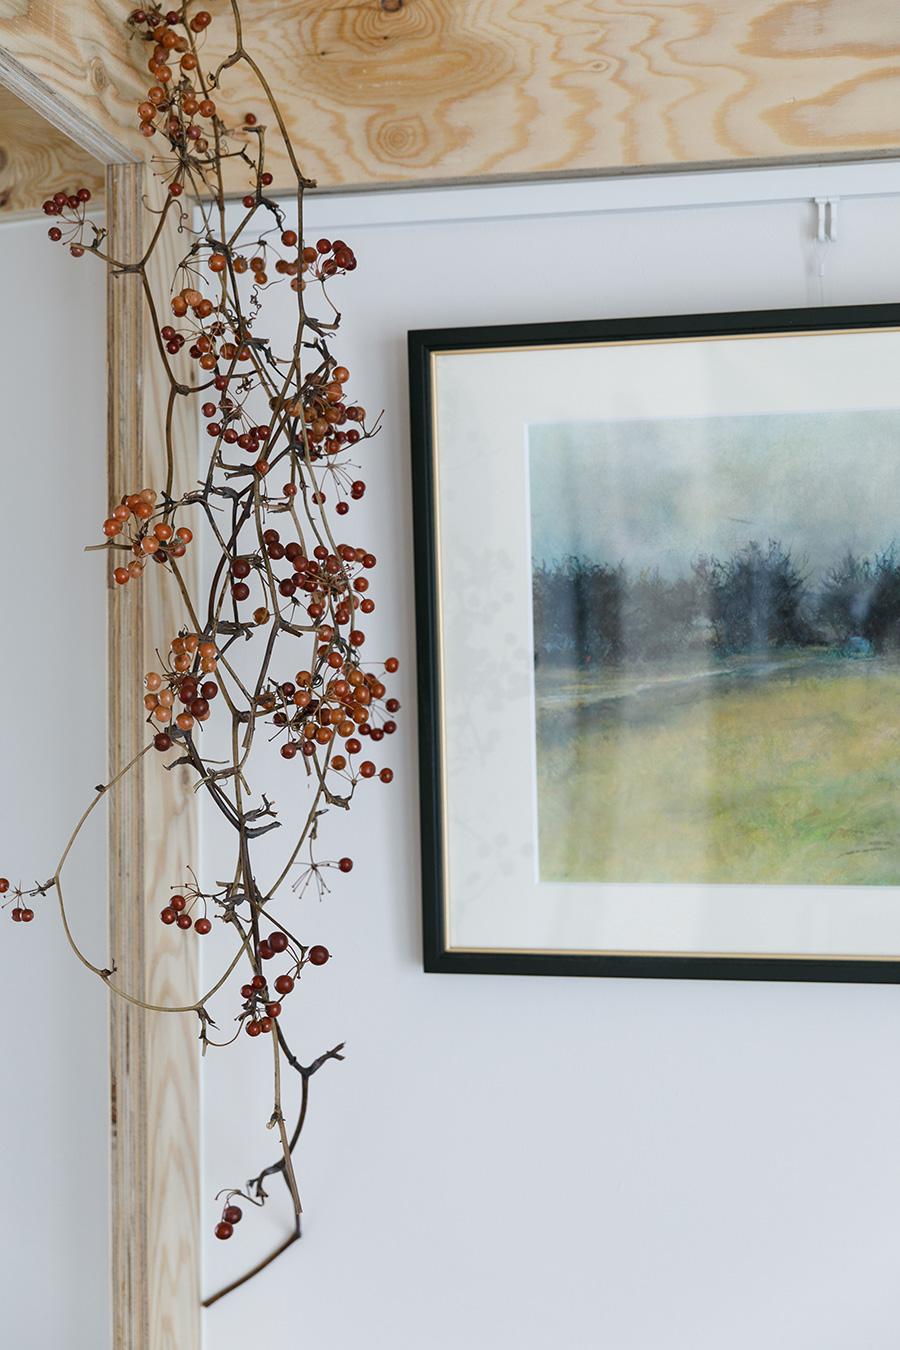 裕美さんが梁部分に引っ掛けた山帰来。朱色が木材と調和している。右の絵画は裕美さんのお父さまの作品。